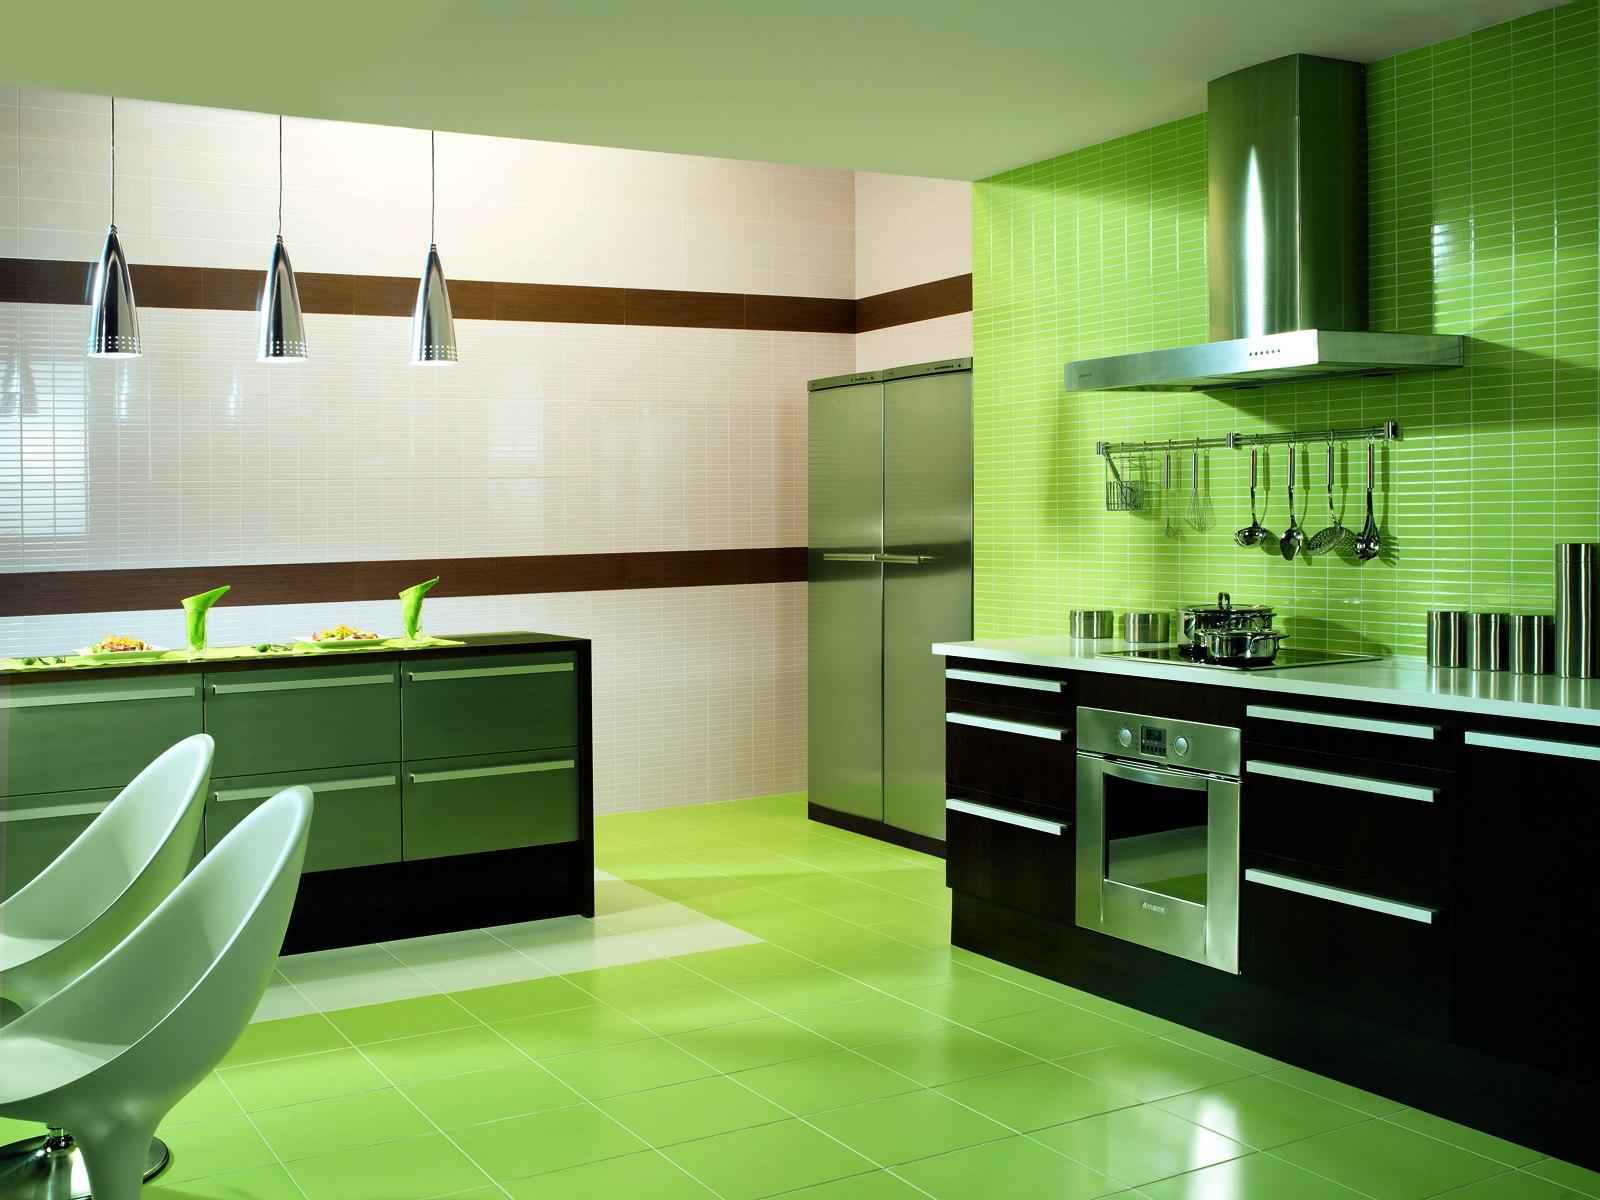 carrelage vert voir les collections marazzi 3359 - Faience Vert Et Blanc